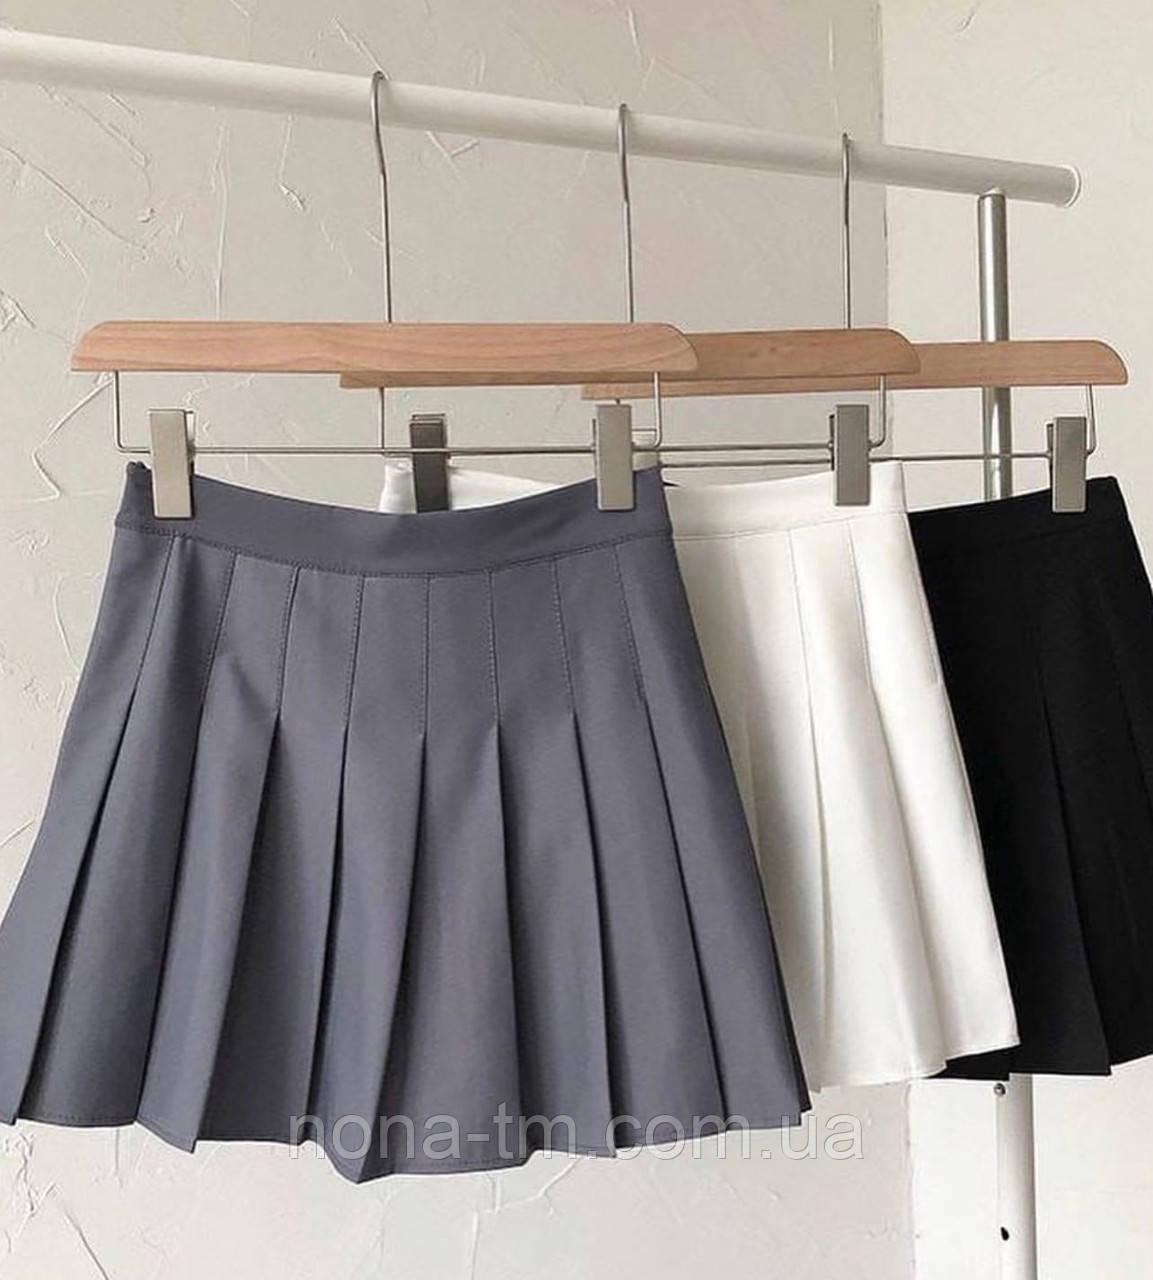 Короткая юбка-плиссе на высокой посадке